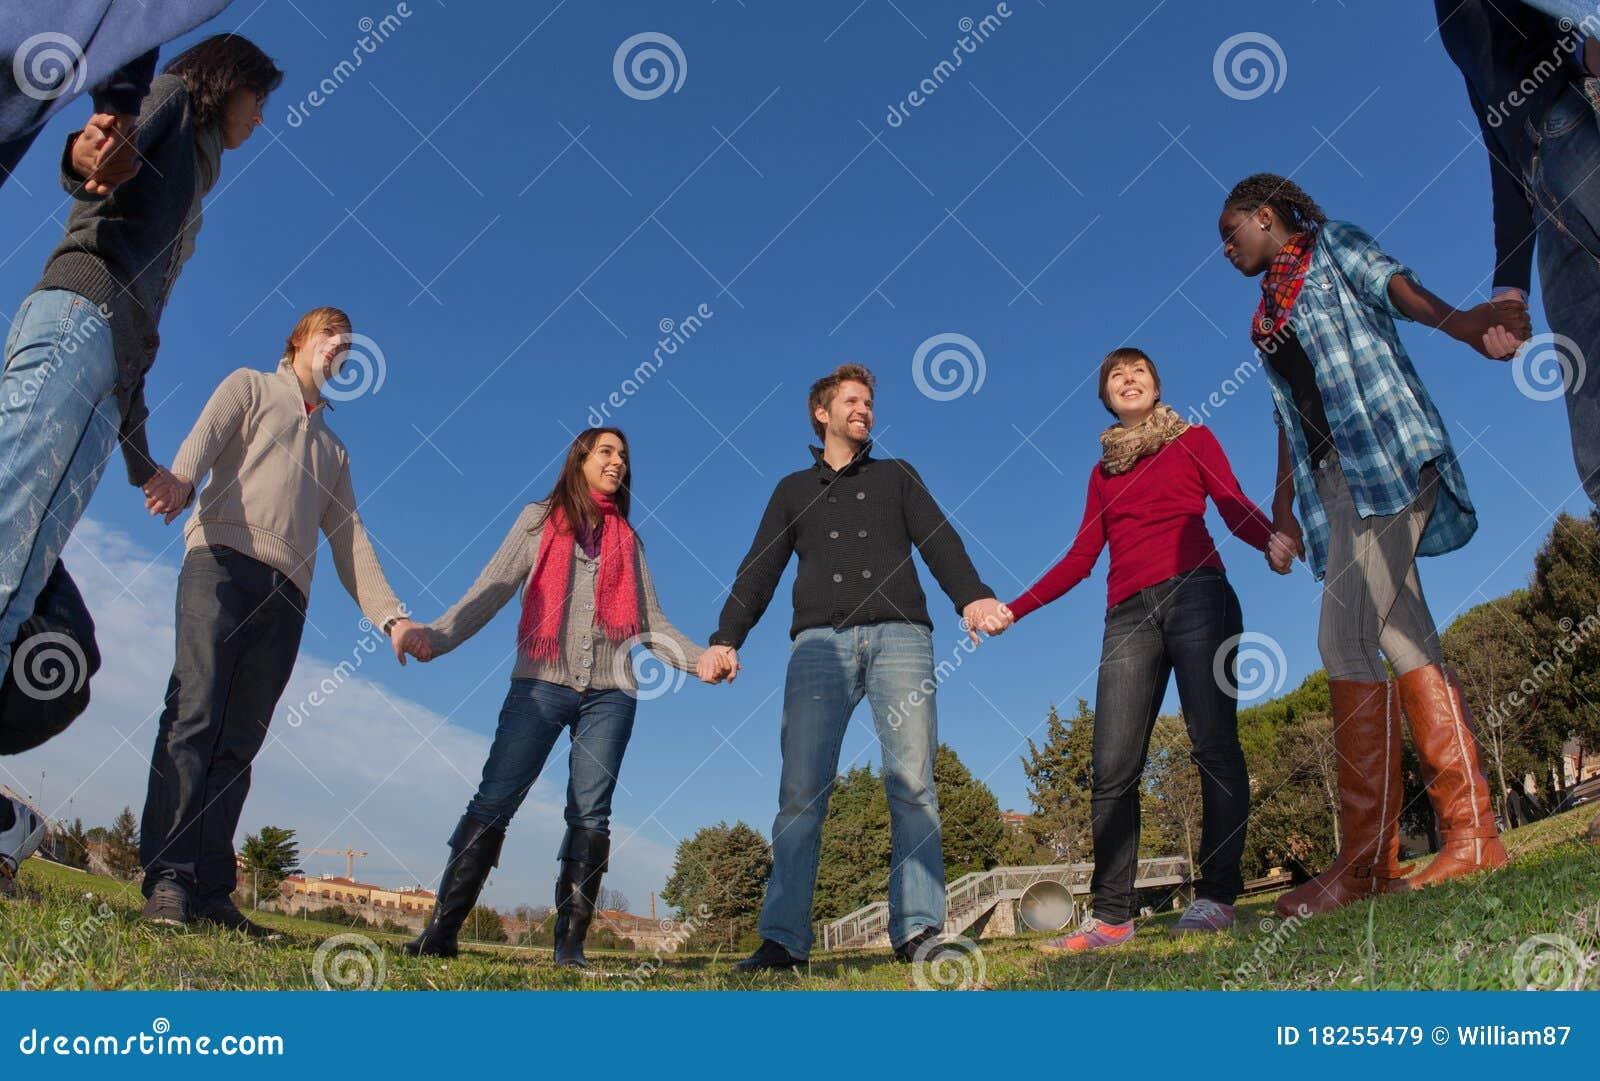 Gruppe von Personen im Kreis